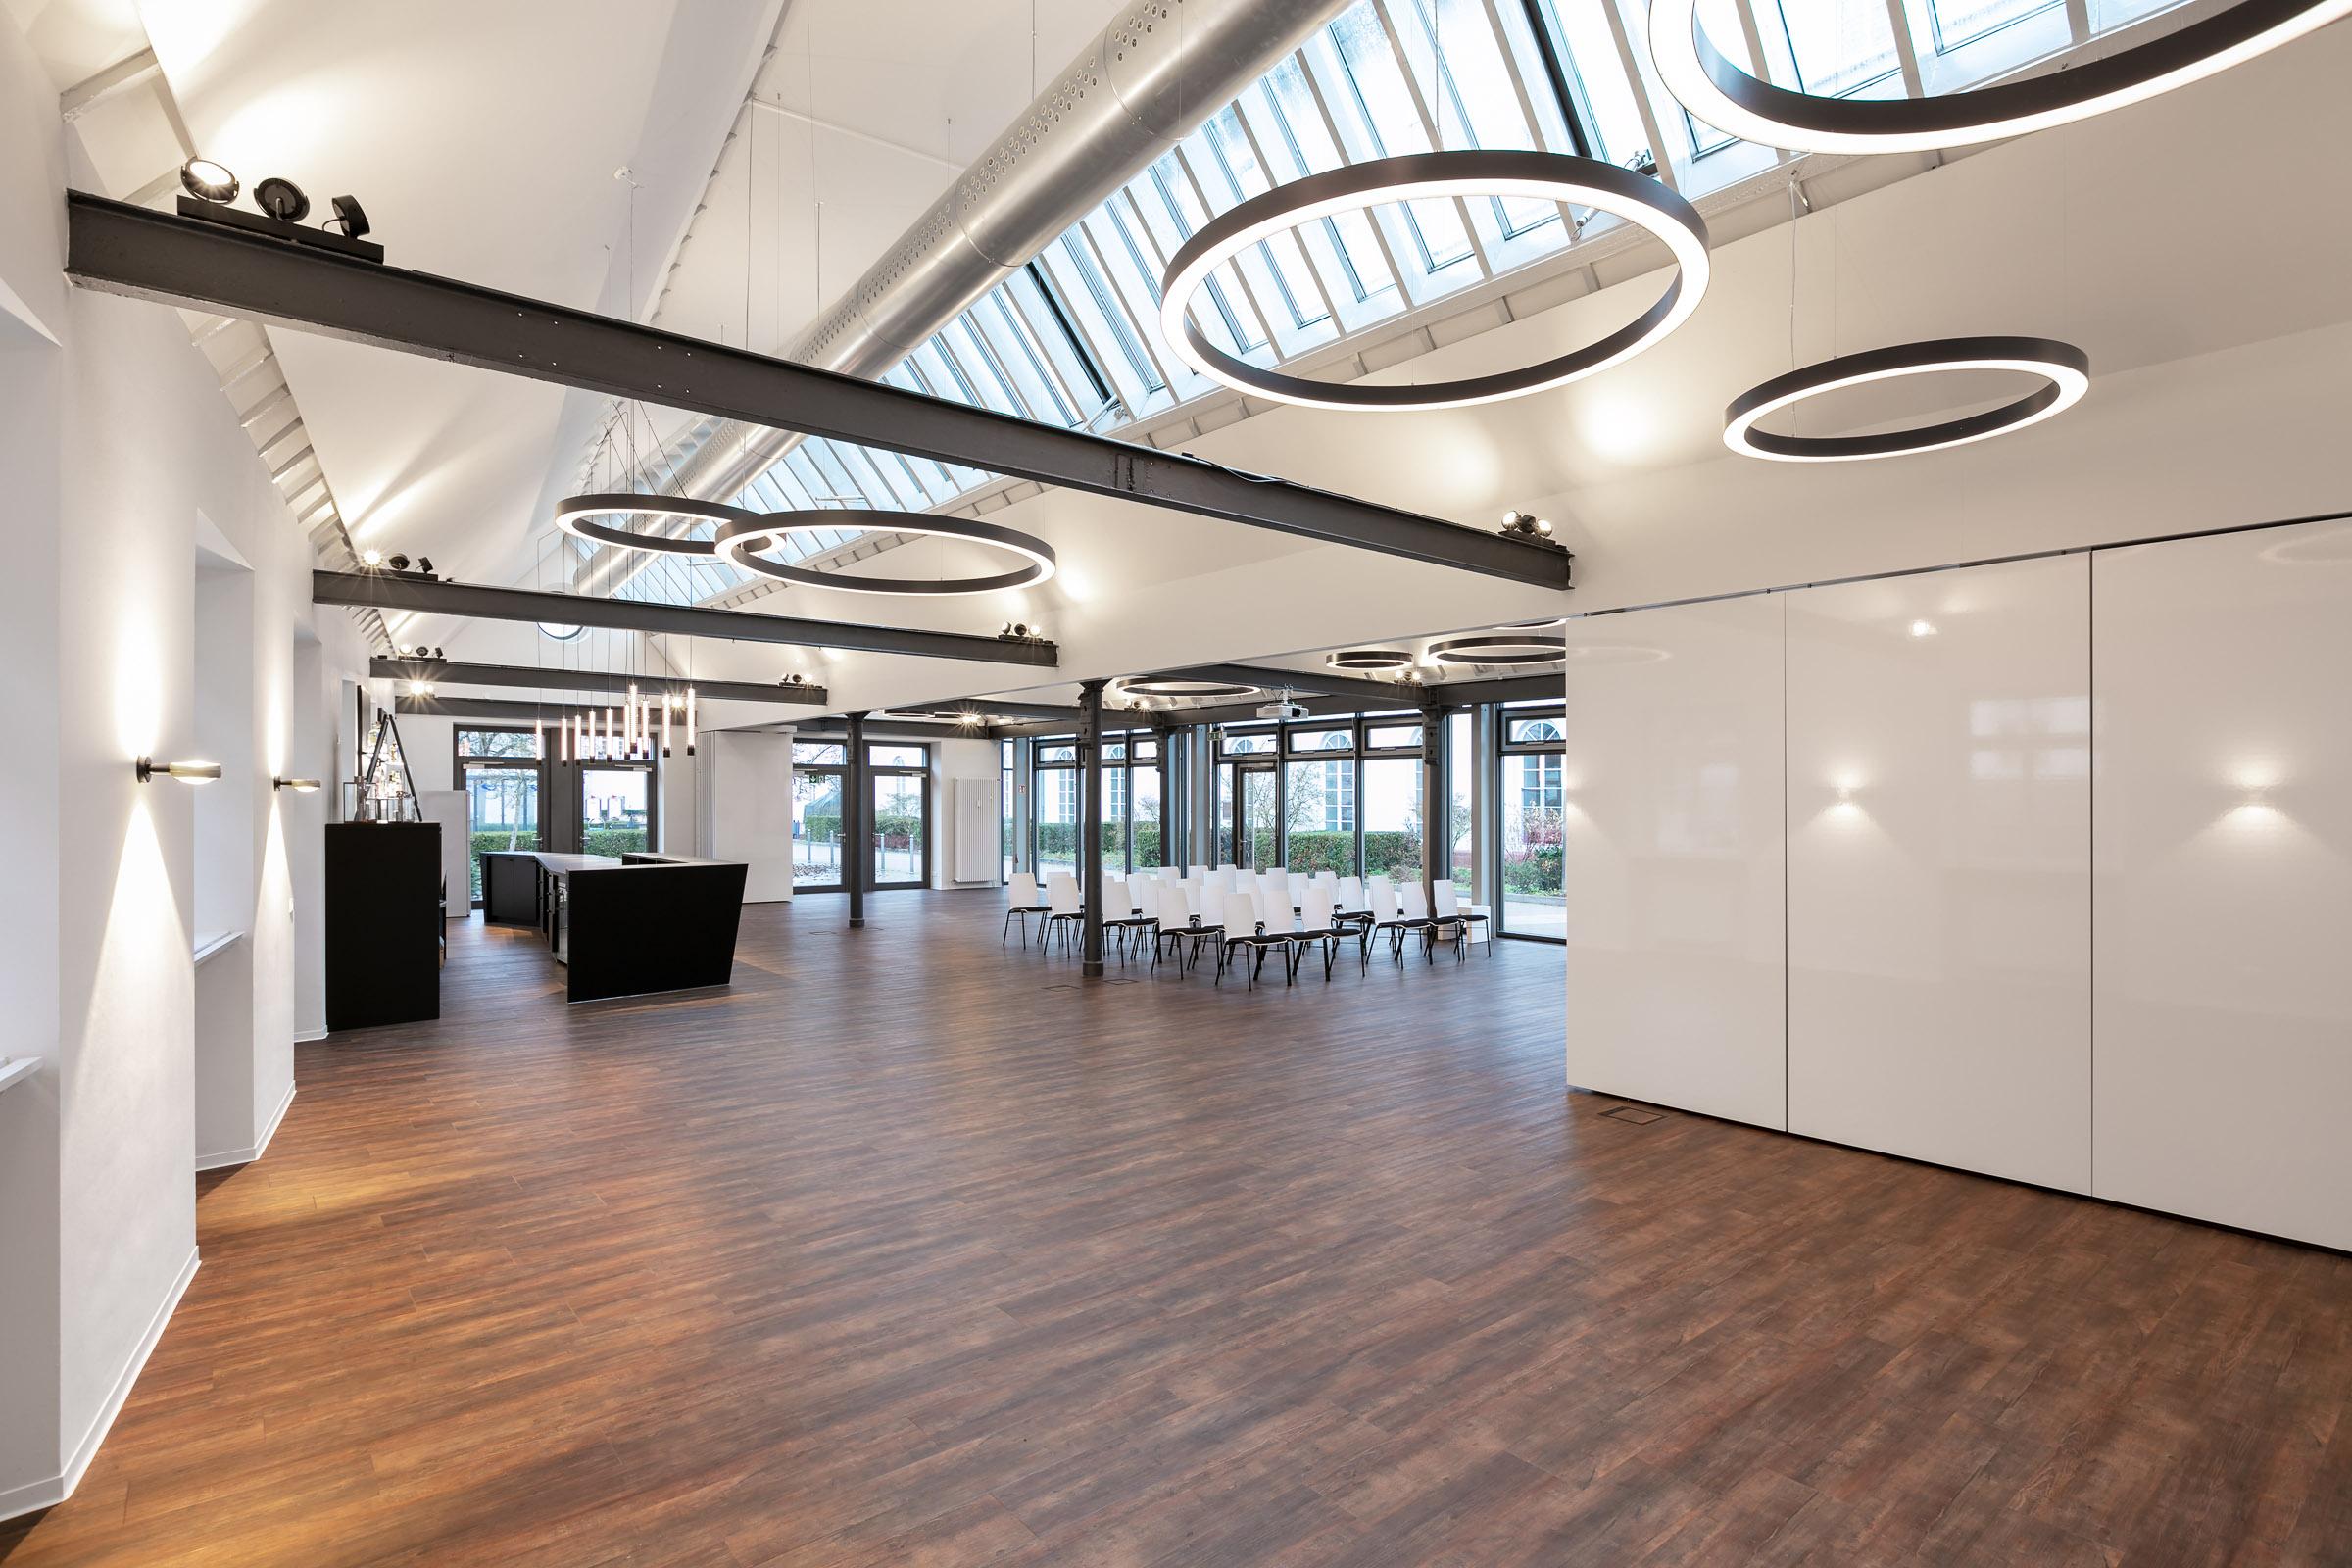 Ein Konferenzraum mit weißen leuchtenden Ringleuchten